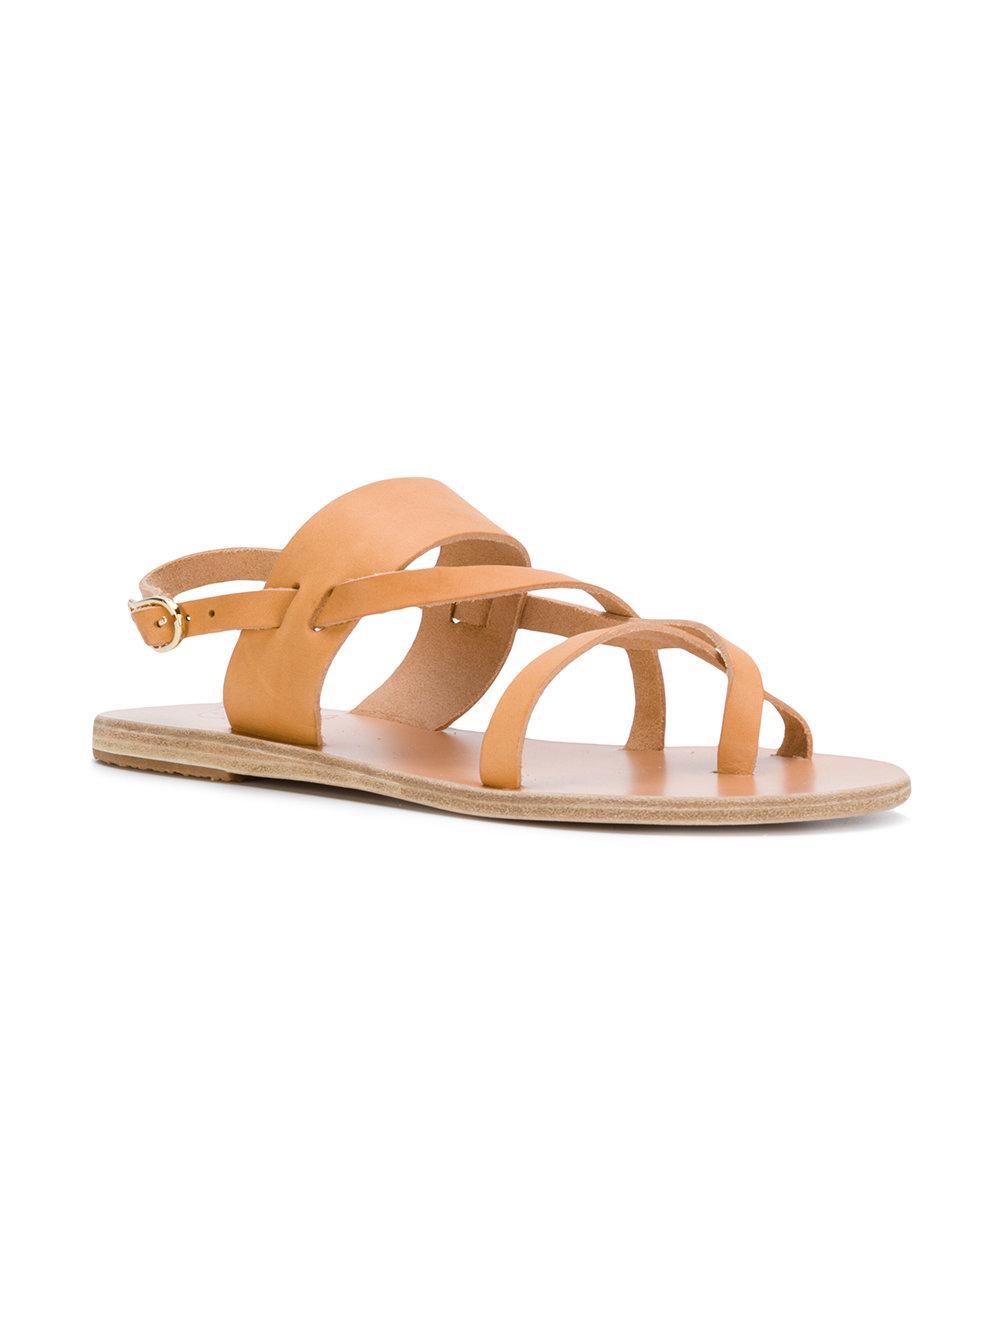 Alethea flat sandals - Nude & Neutrals Ancient Greek Sandals Ebptg